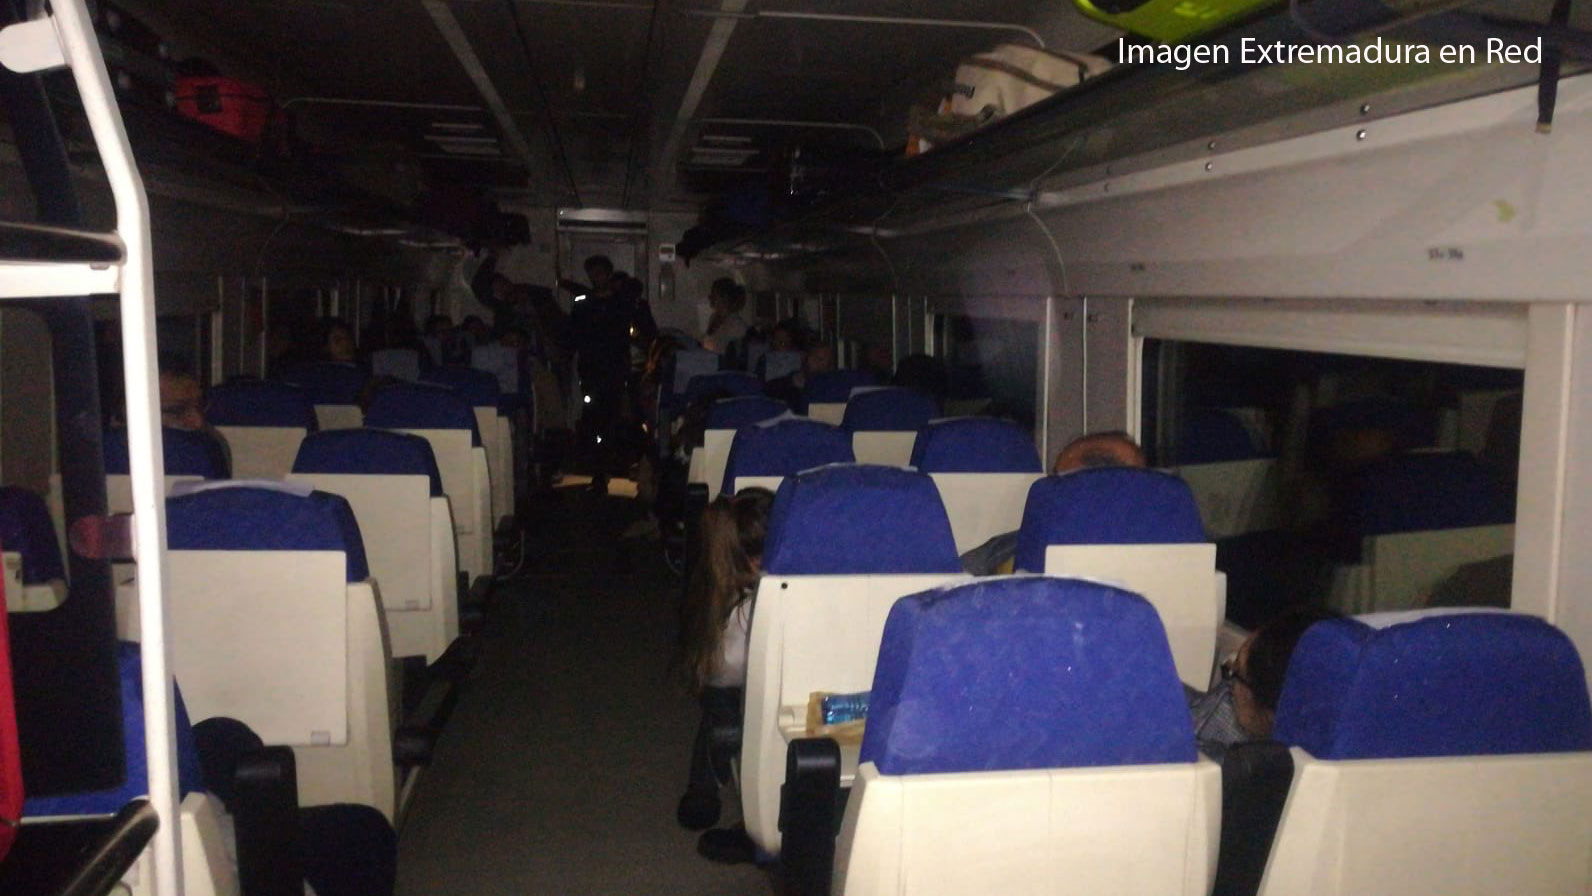 Los pasajeros de un tren Badajoz-Madrid se quedan tirados durante horas en el campo de madrugada y sin luz